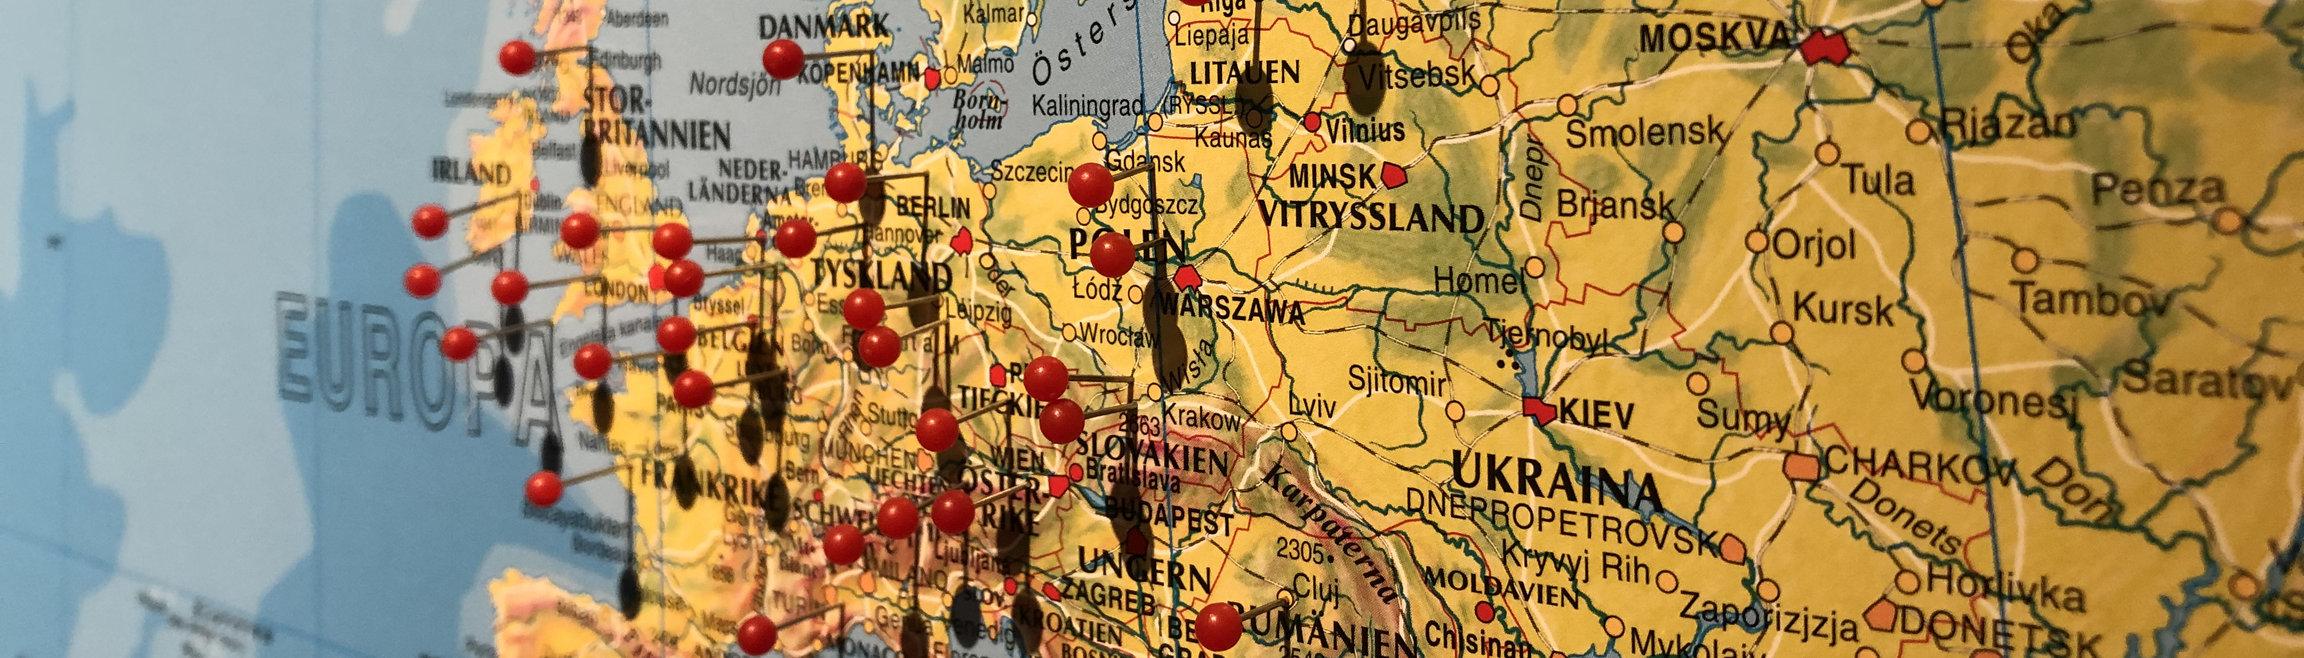 En karta över Mellaneuropa med röda knappnålar.